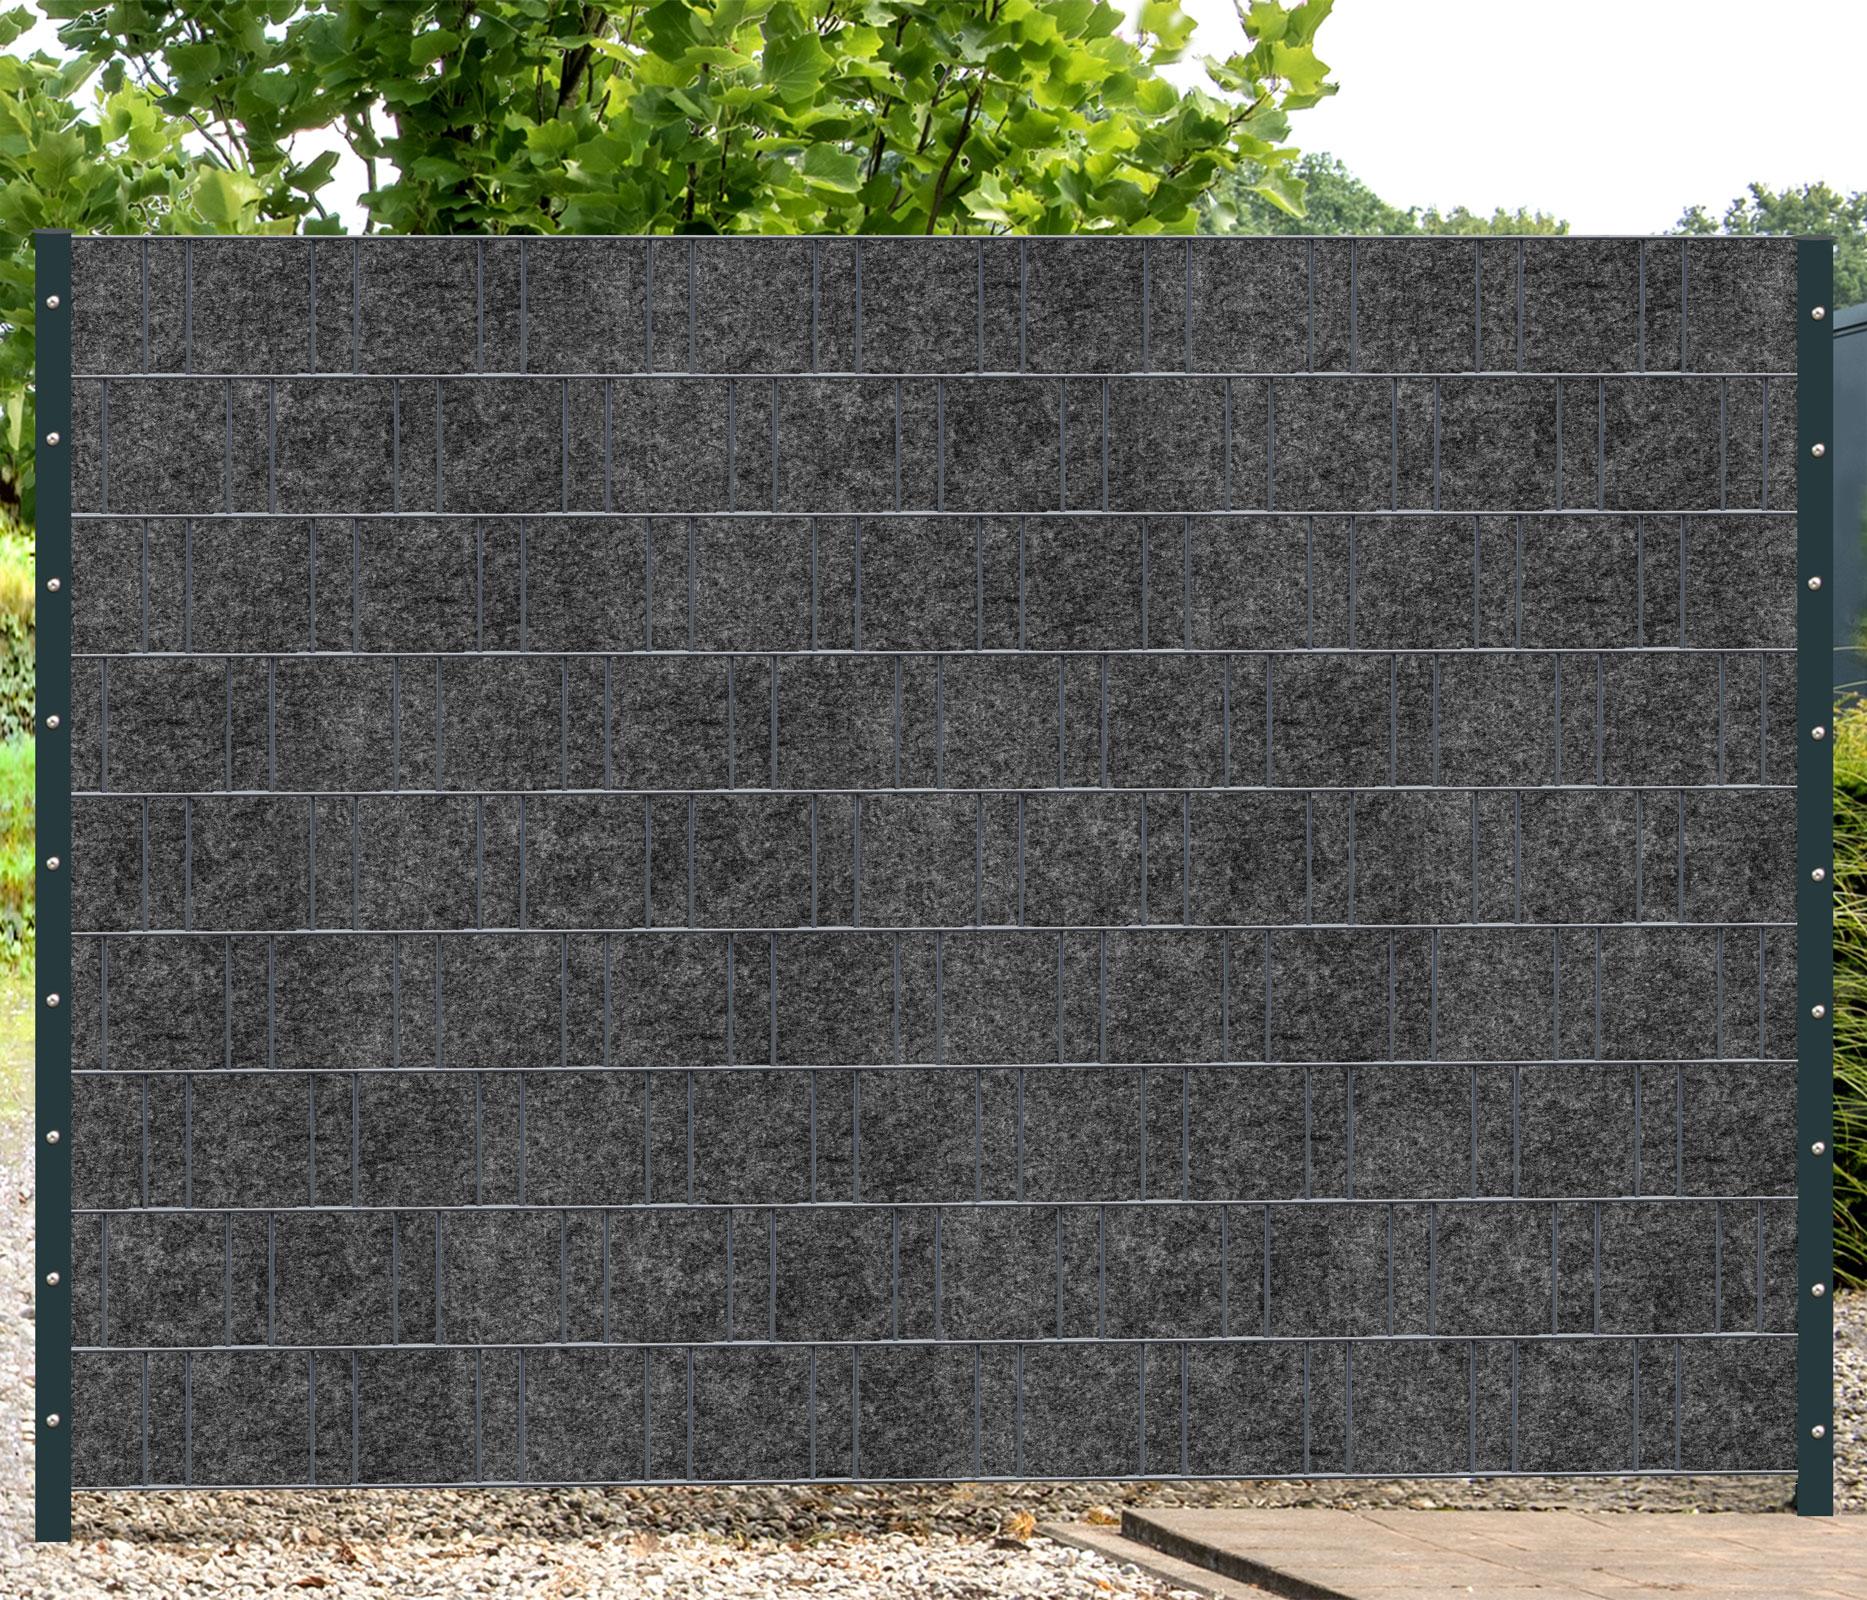 Sichtschutz Florenz Grau 1 Rolle 26m Fur Doppelstabmatten